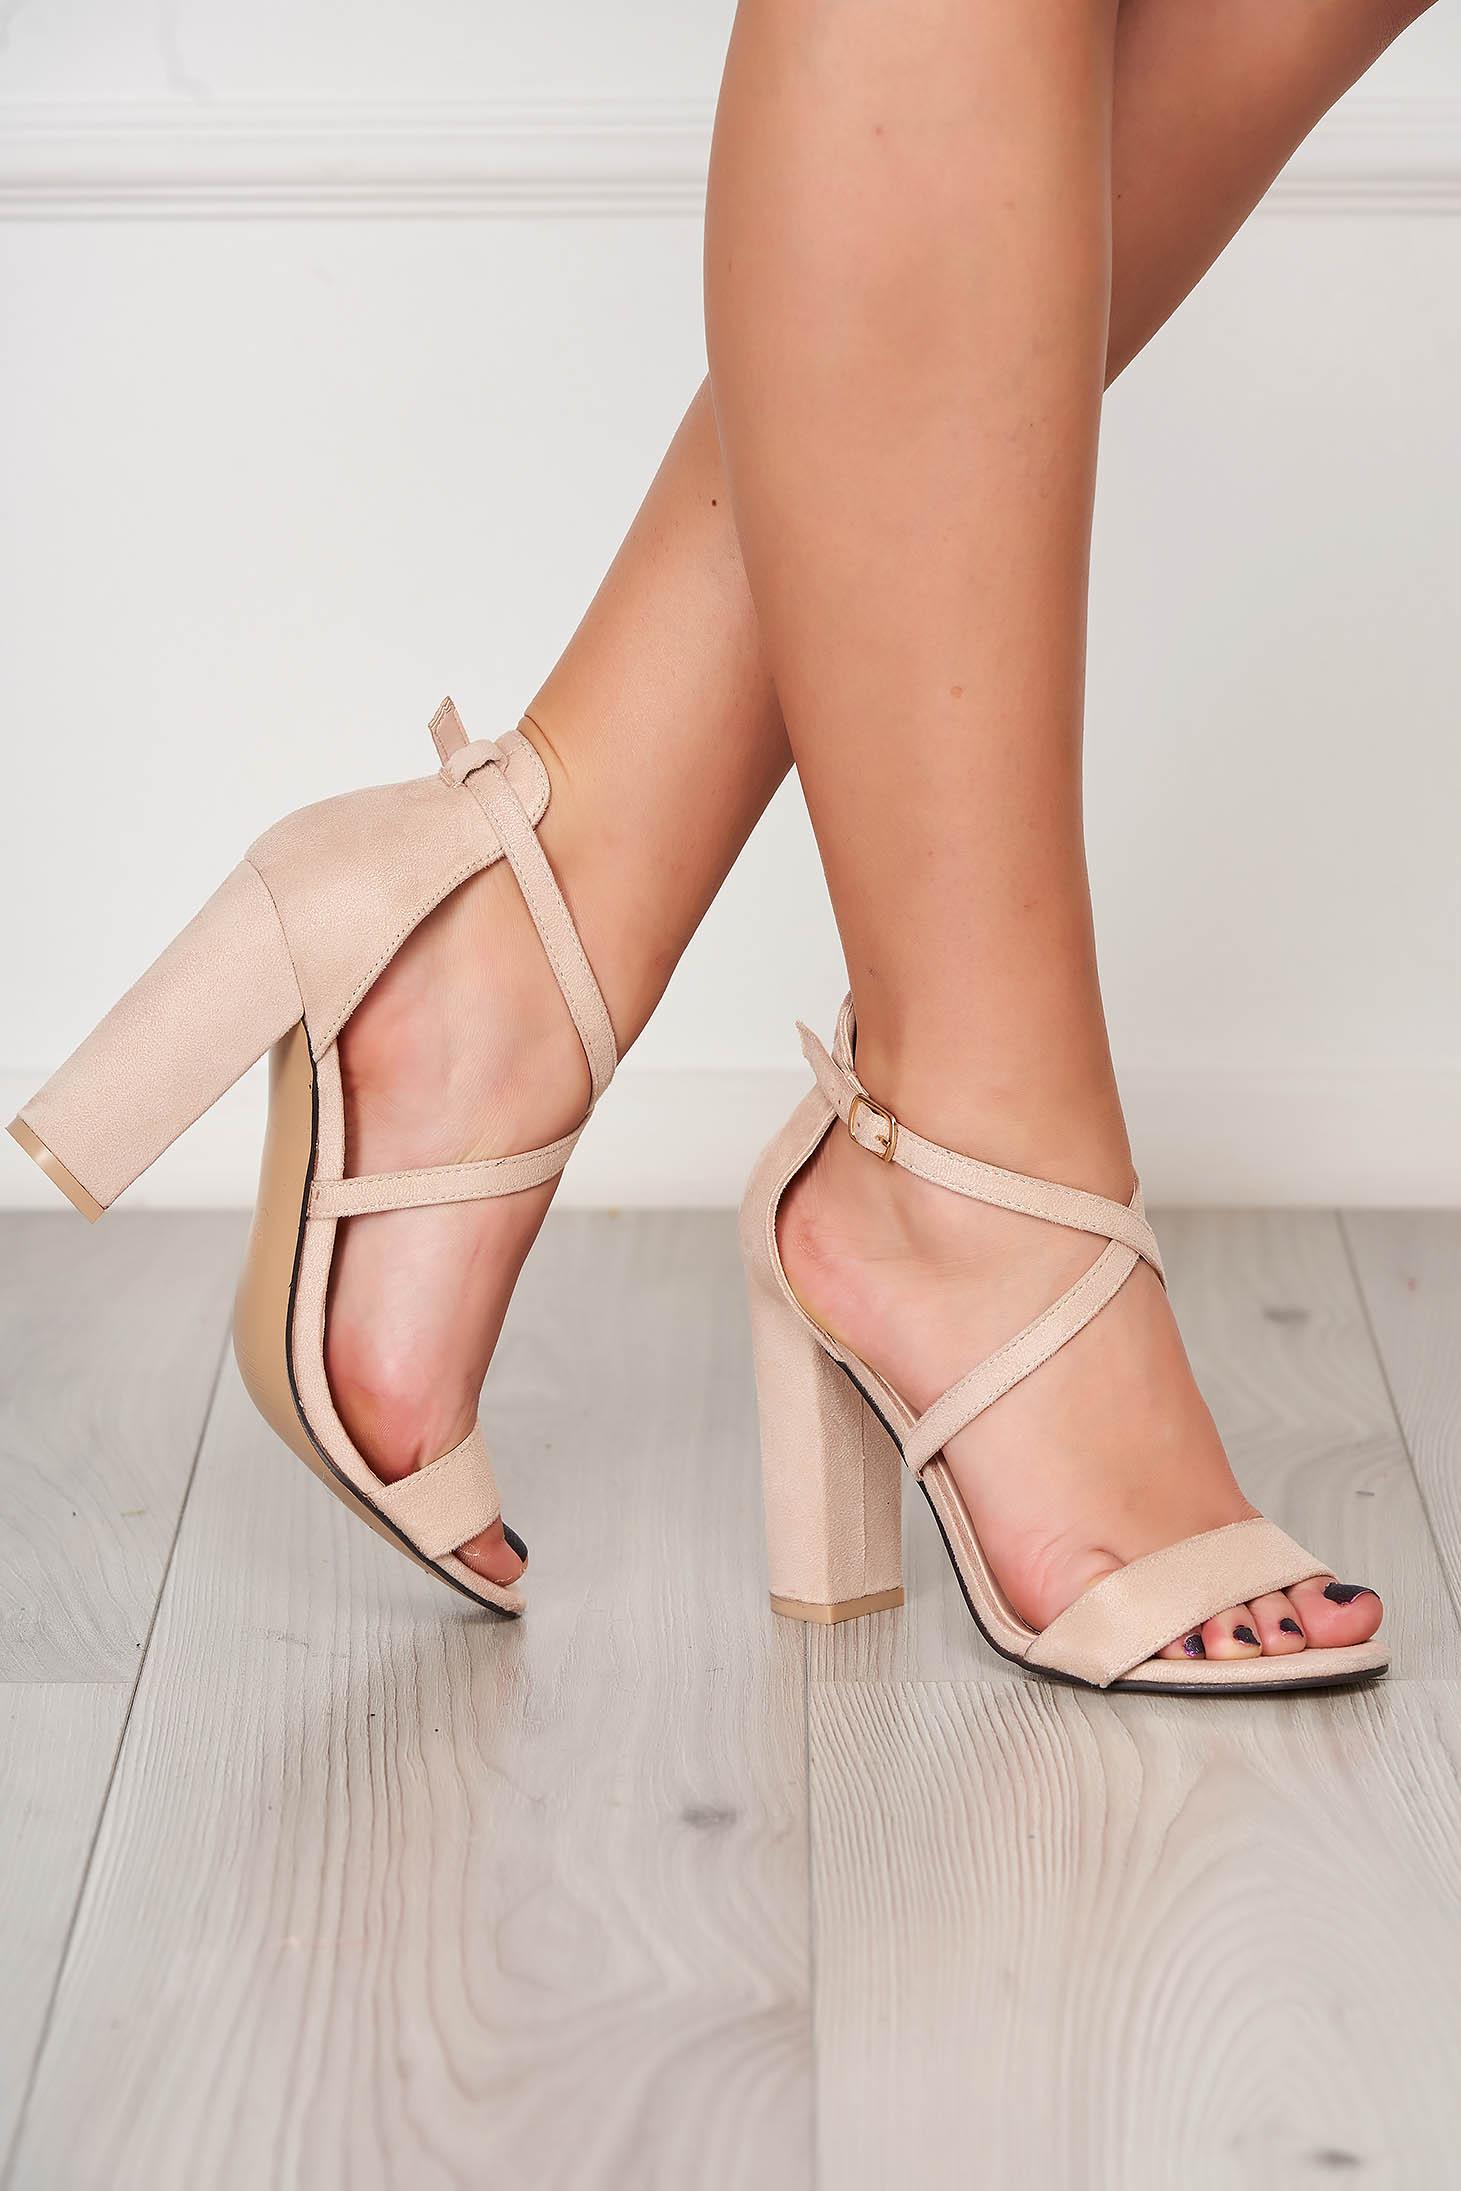 Sandale crem din piele ecologica cu aspect din piele intoarsa cu barete subtiri